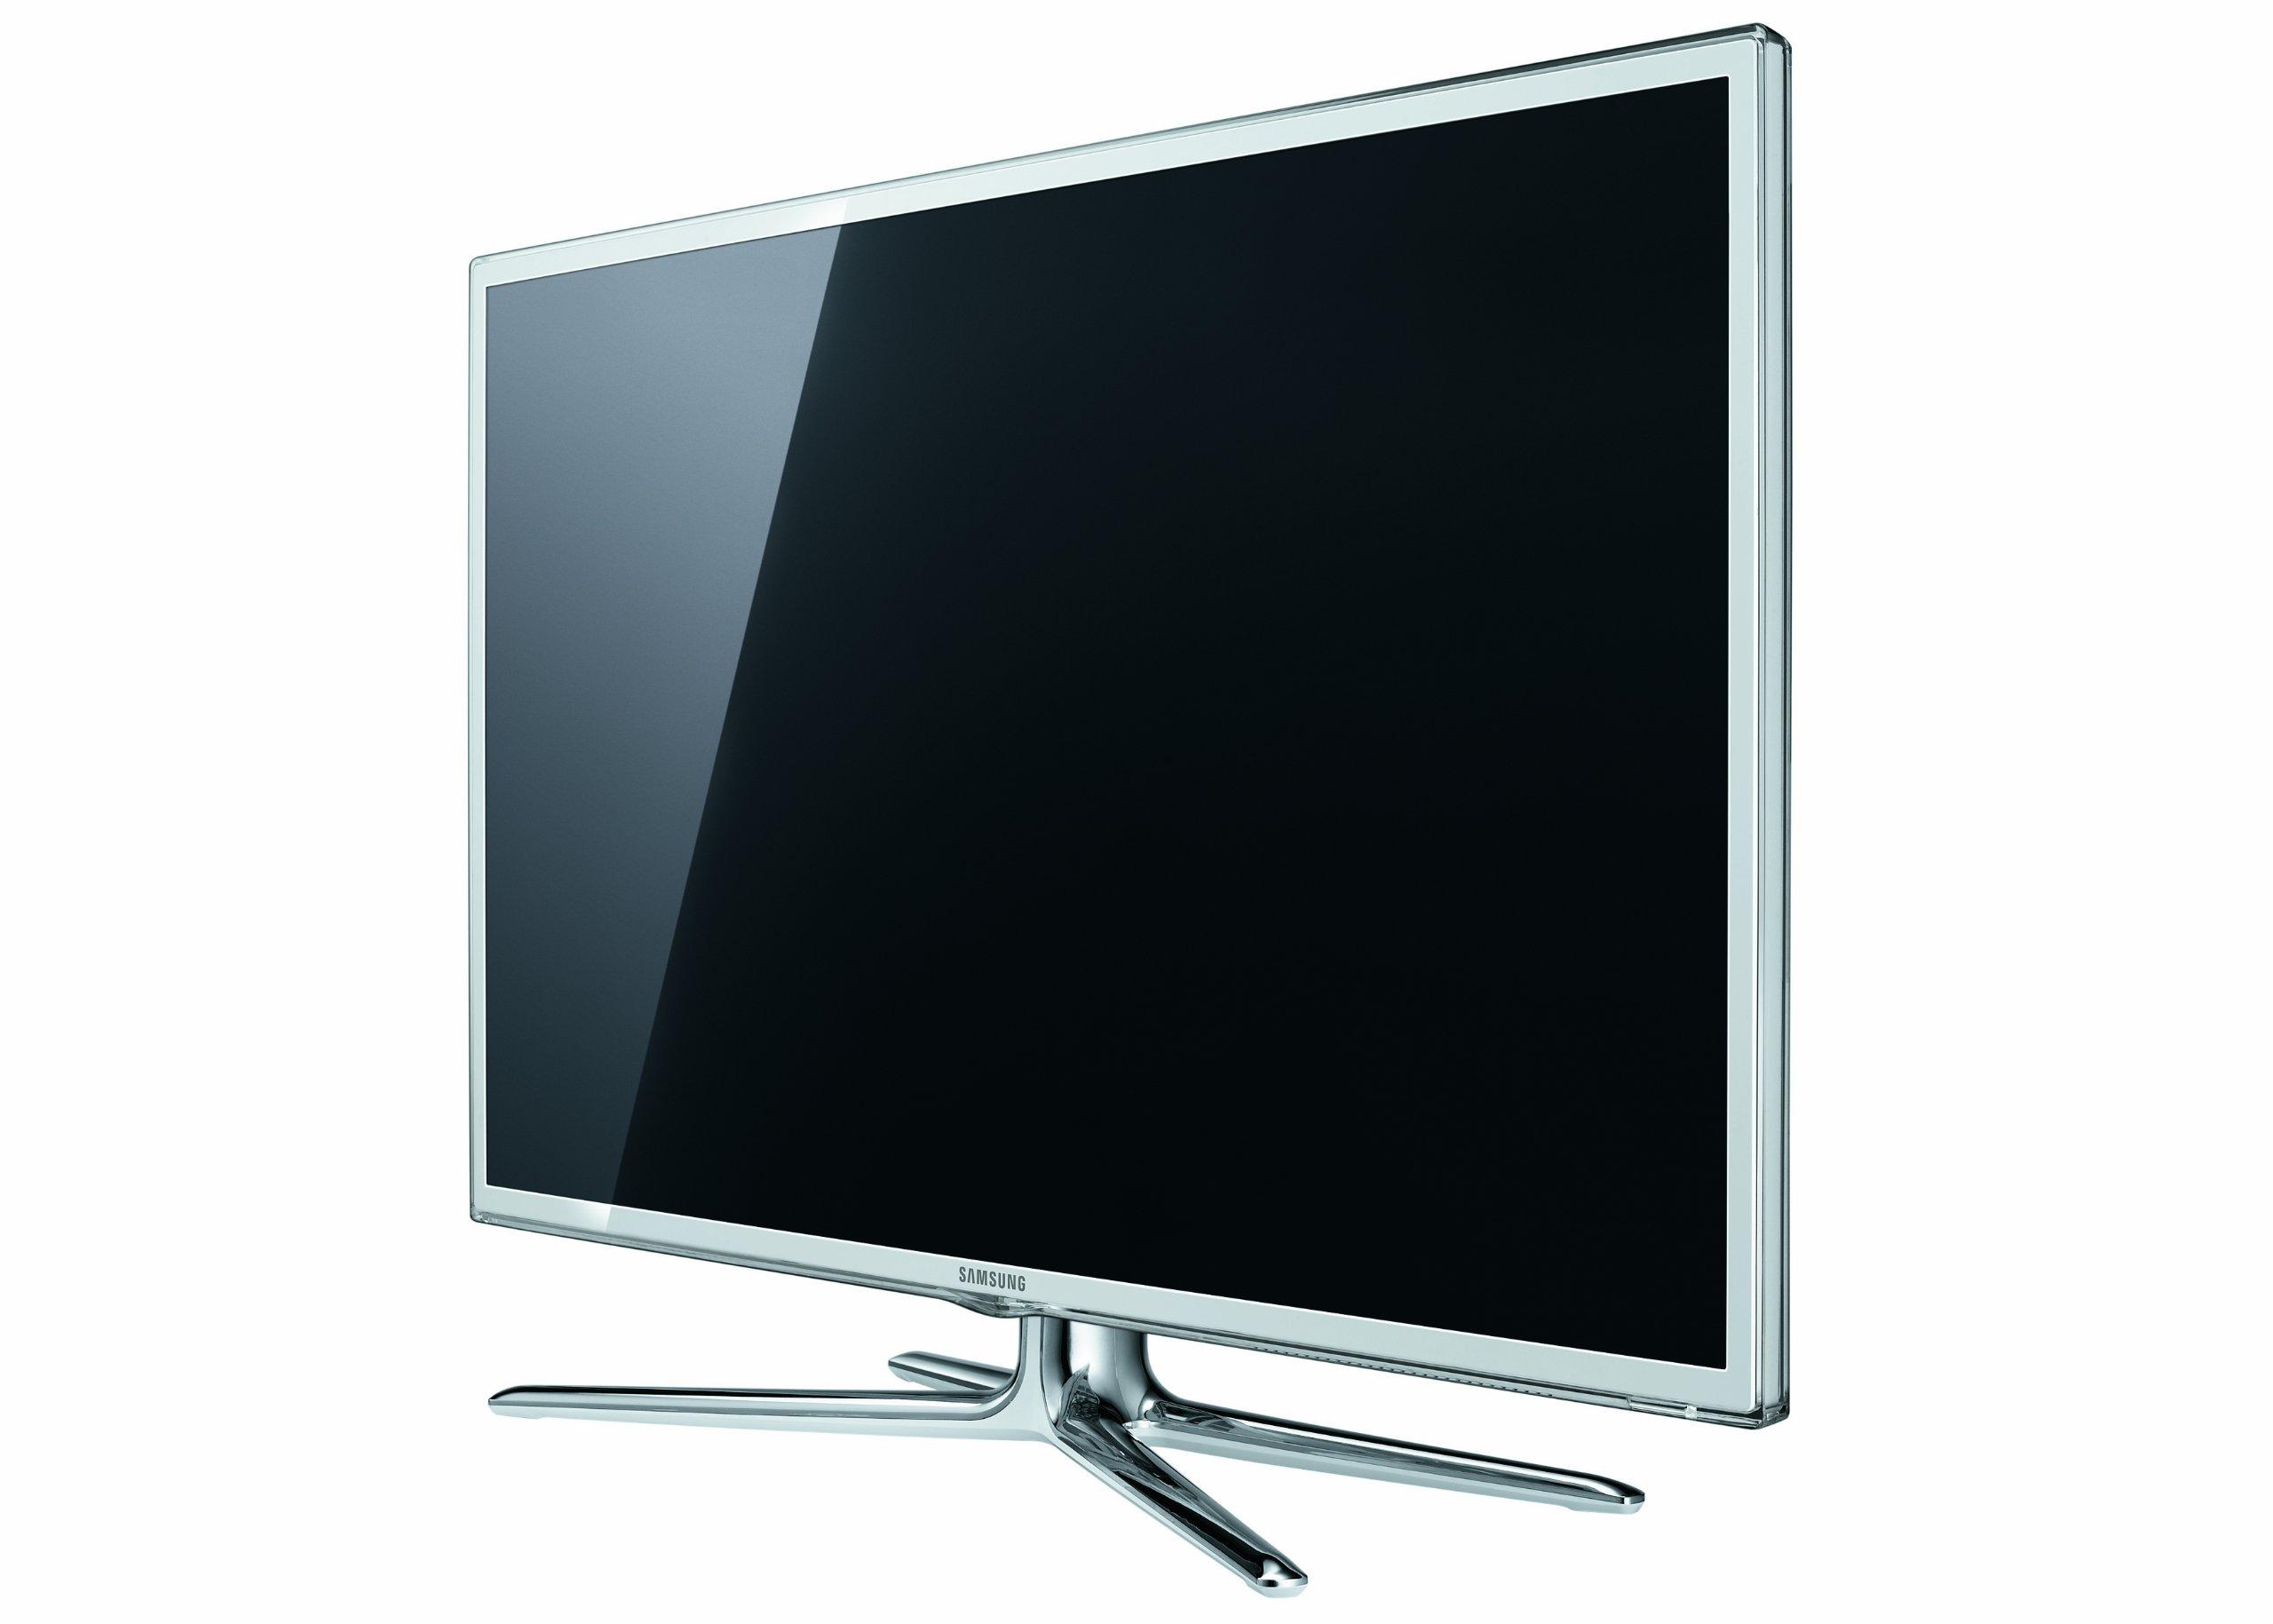 Samsung UE46D6510WSXZG - Televisión LED de 46 pulgadas Full HD ...